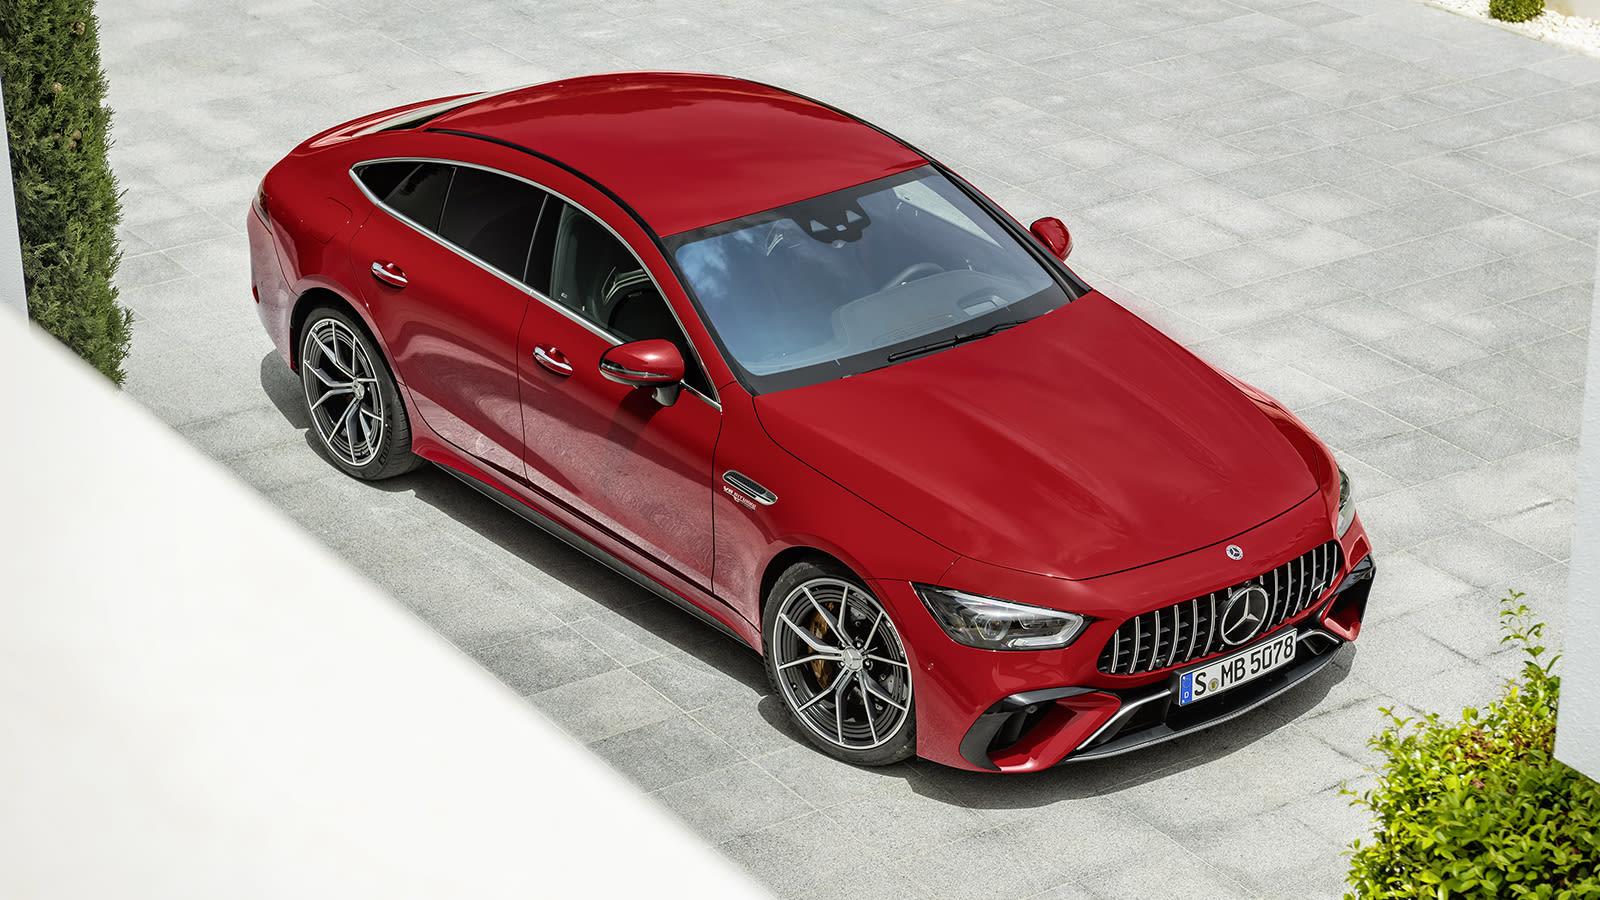 2022 Mercedes-AMG GT 63 S E PERFORMANCE (4MATIC+) (Kraftstoffverbrauch gewichtet, kombiniert (WLTP): 8,6 l/100 km; CO2-Emissionen gewichtet, kombiniert: 196 g/km; Stromverbrauch gewichtet: 10,3 kWh/100 km)Mercedes-AMG GT 63 S E Performance